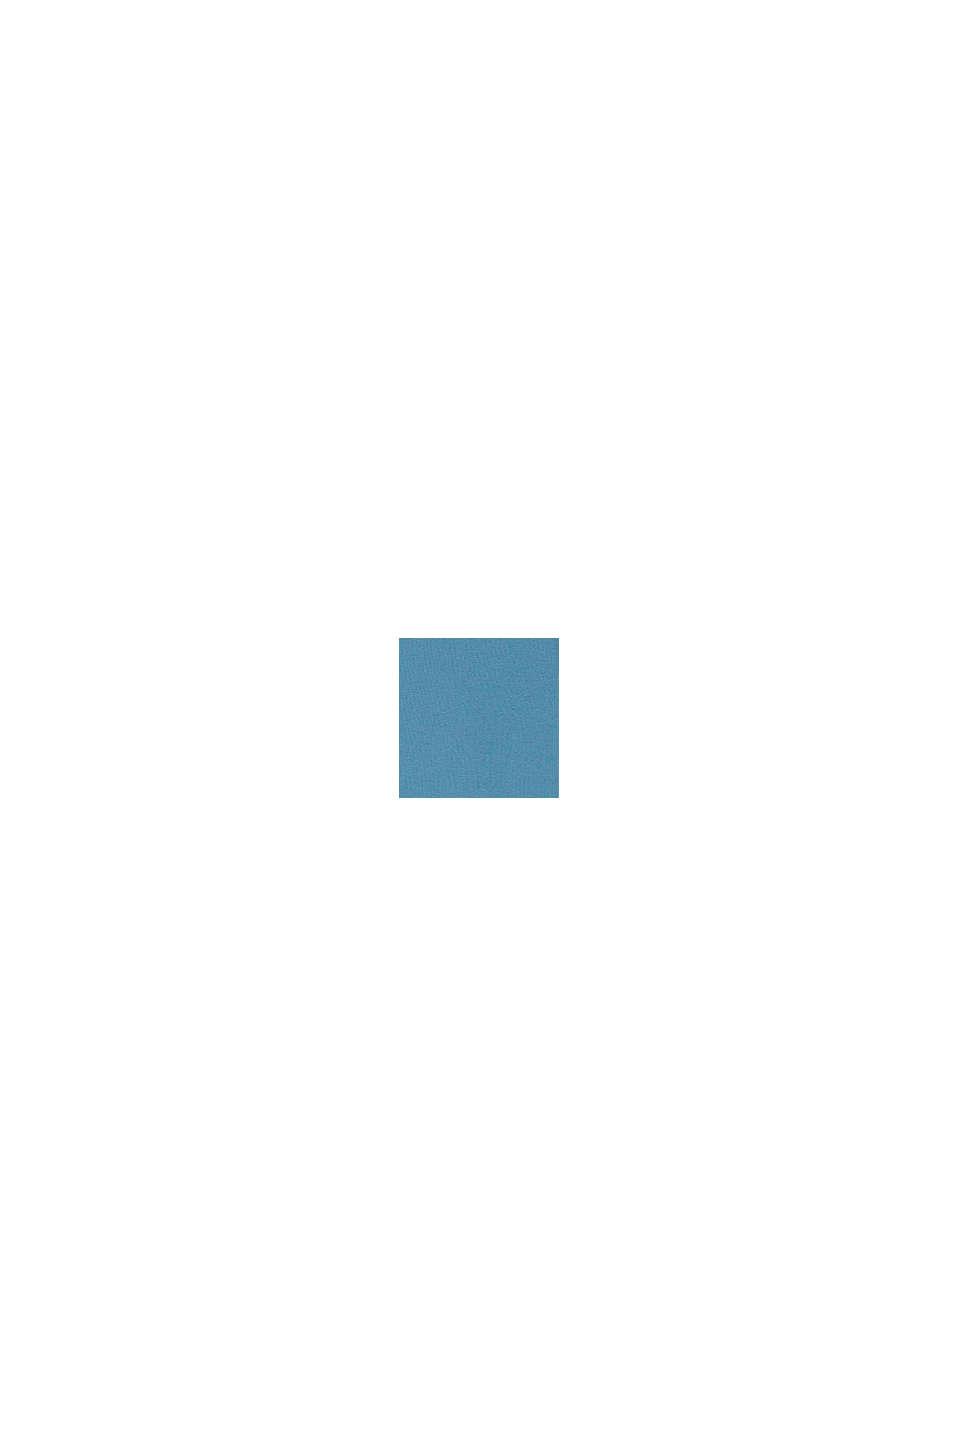 Longsleeve met kameleonprint: biologisch katoen, GREY BLUE, swatch